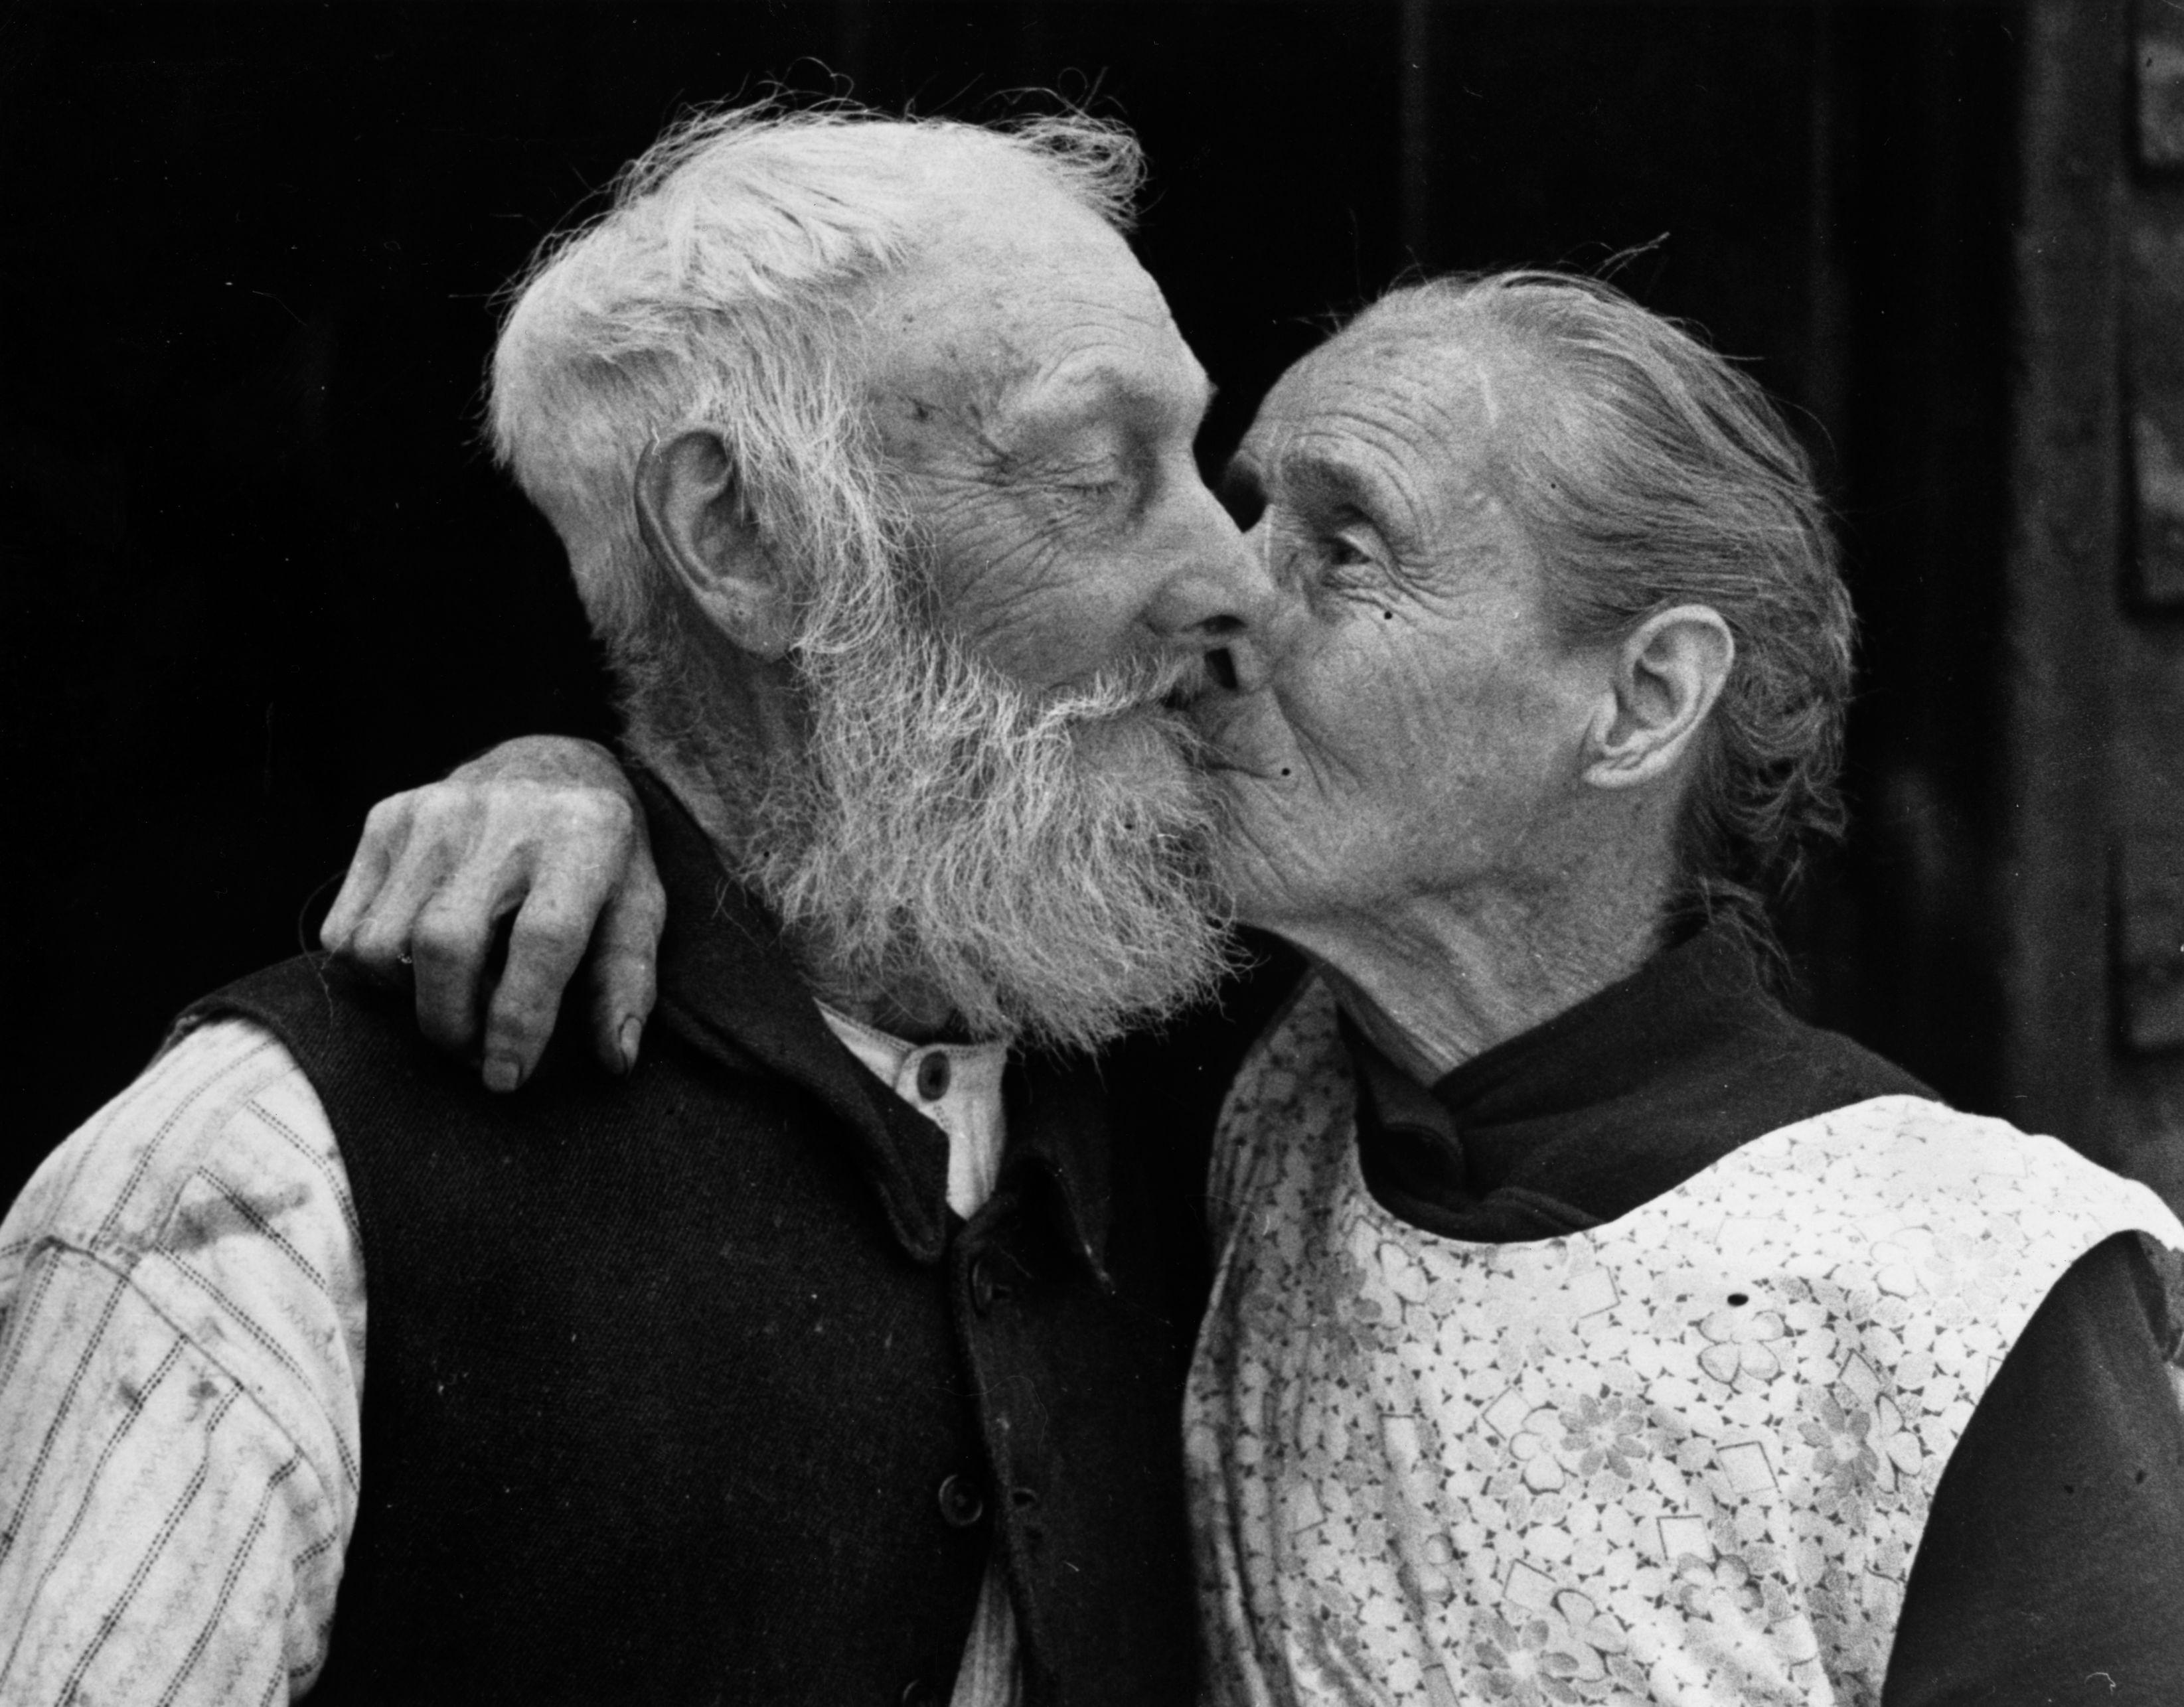 Старик и старухи фото 3 фотография